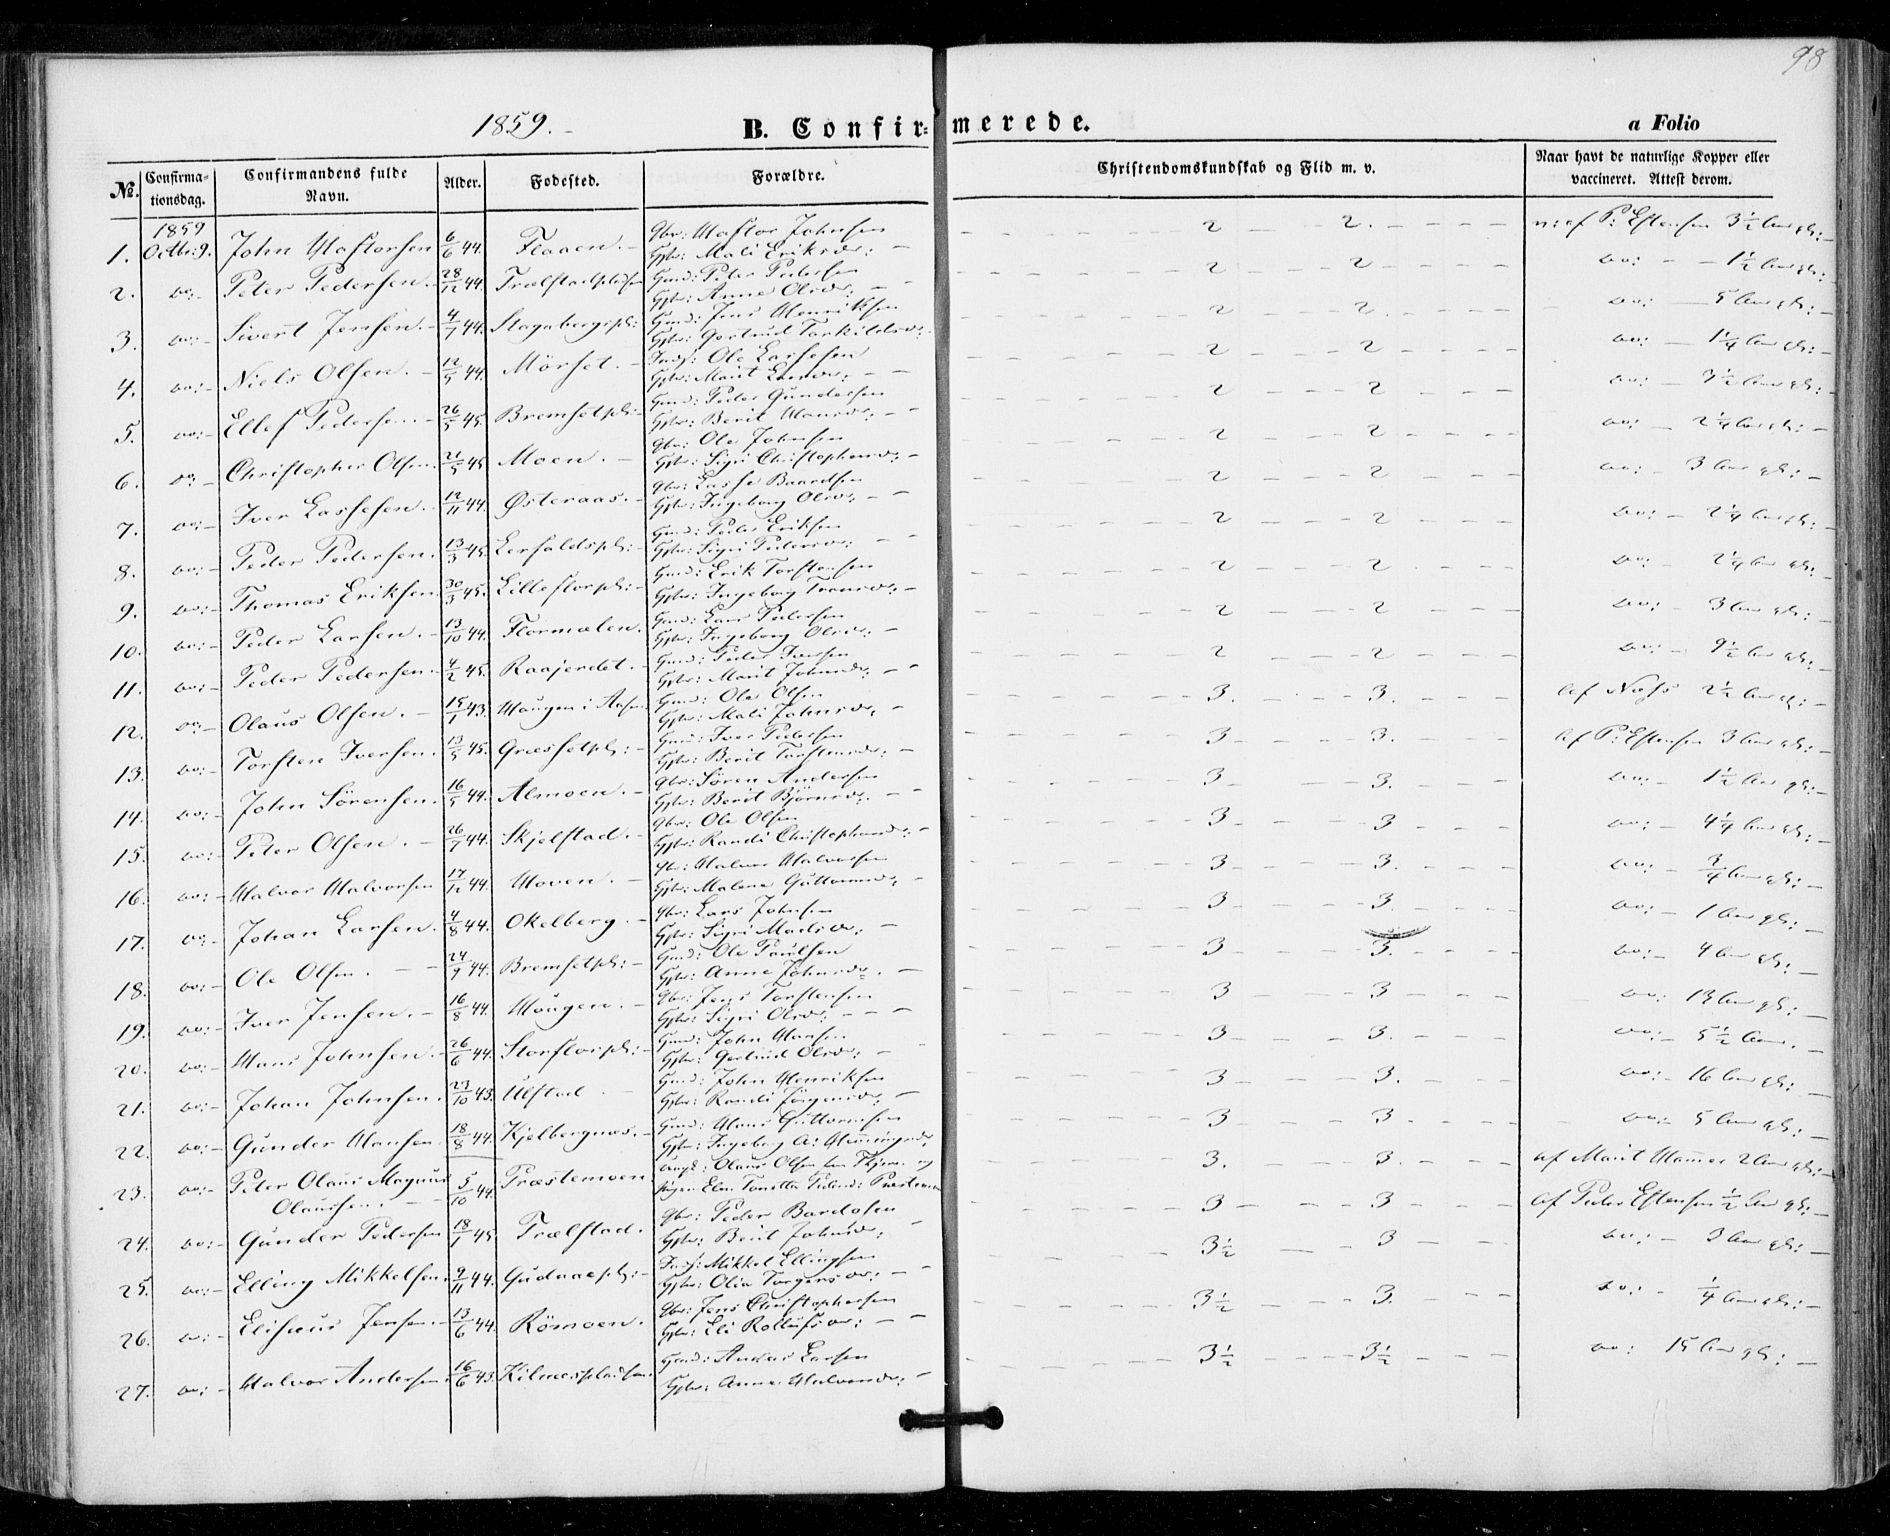 SAT, Ministerialprotokoller, klokkerbøker og fødselsregistre - Nord-Trøndelag, 703/L0028: Ministerialbok nr. 703A01, 1850-1862, s. 98